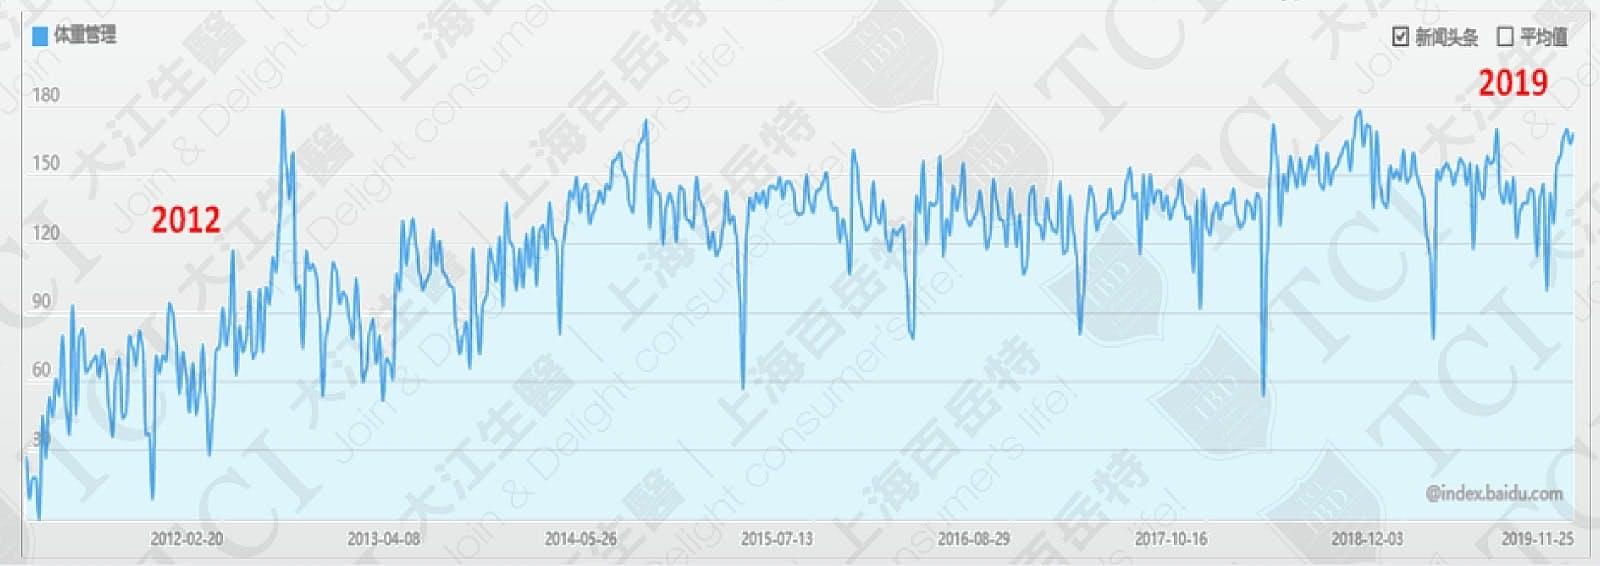 Search Volume of Weight Management, Data source: Baidu Index